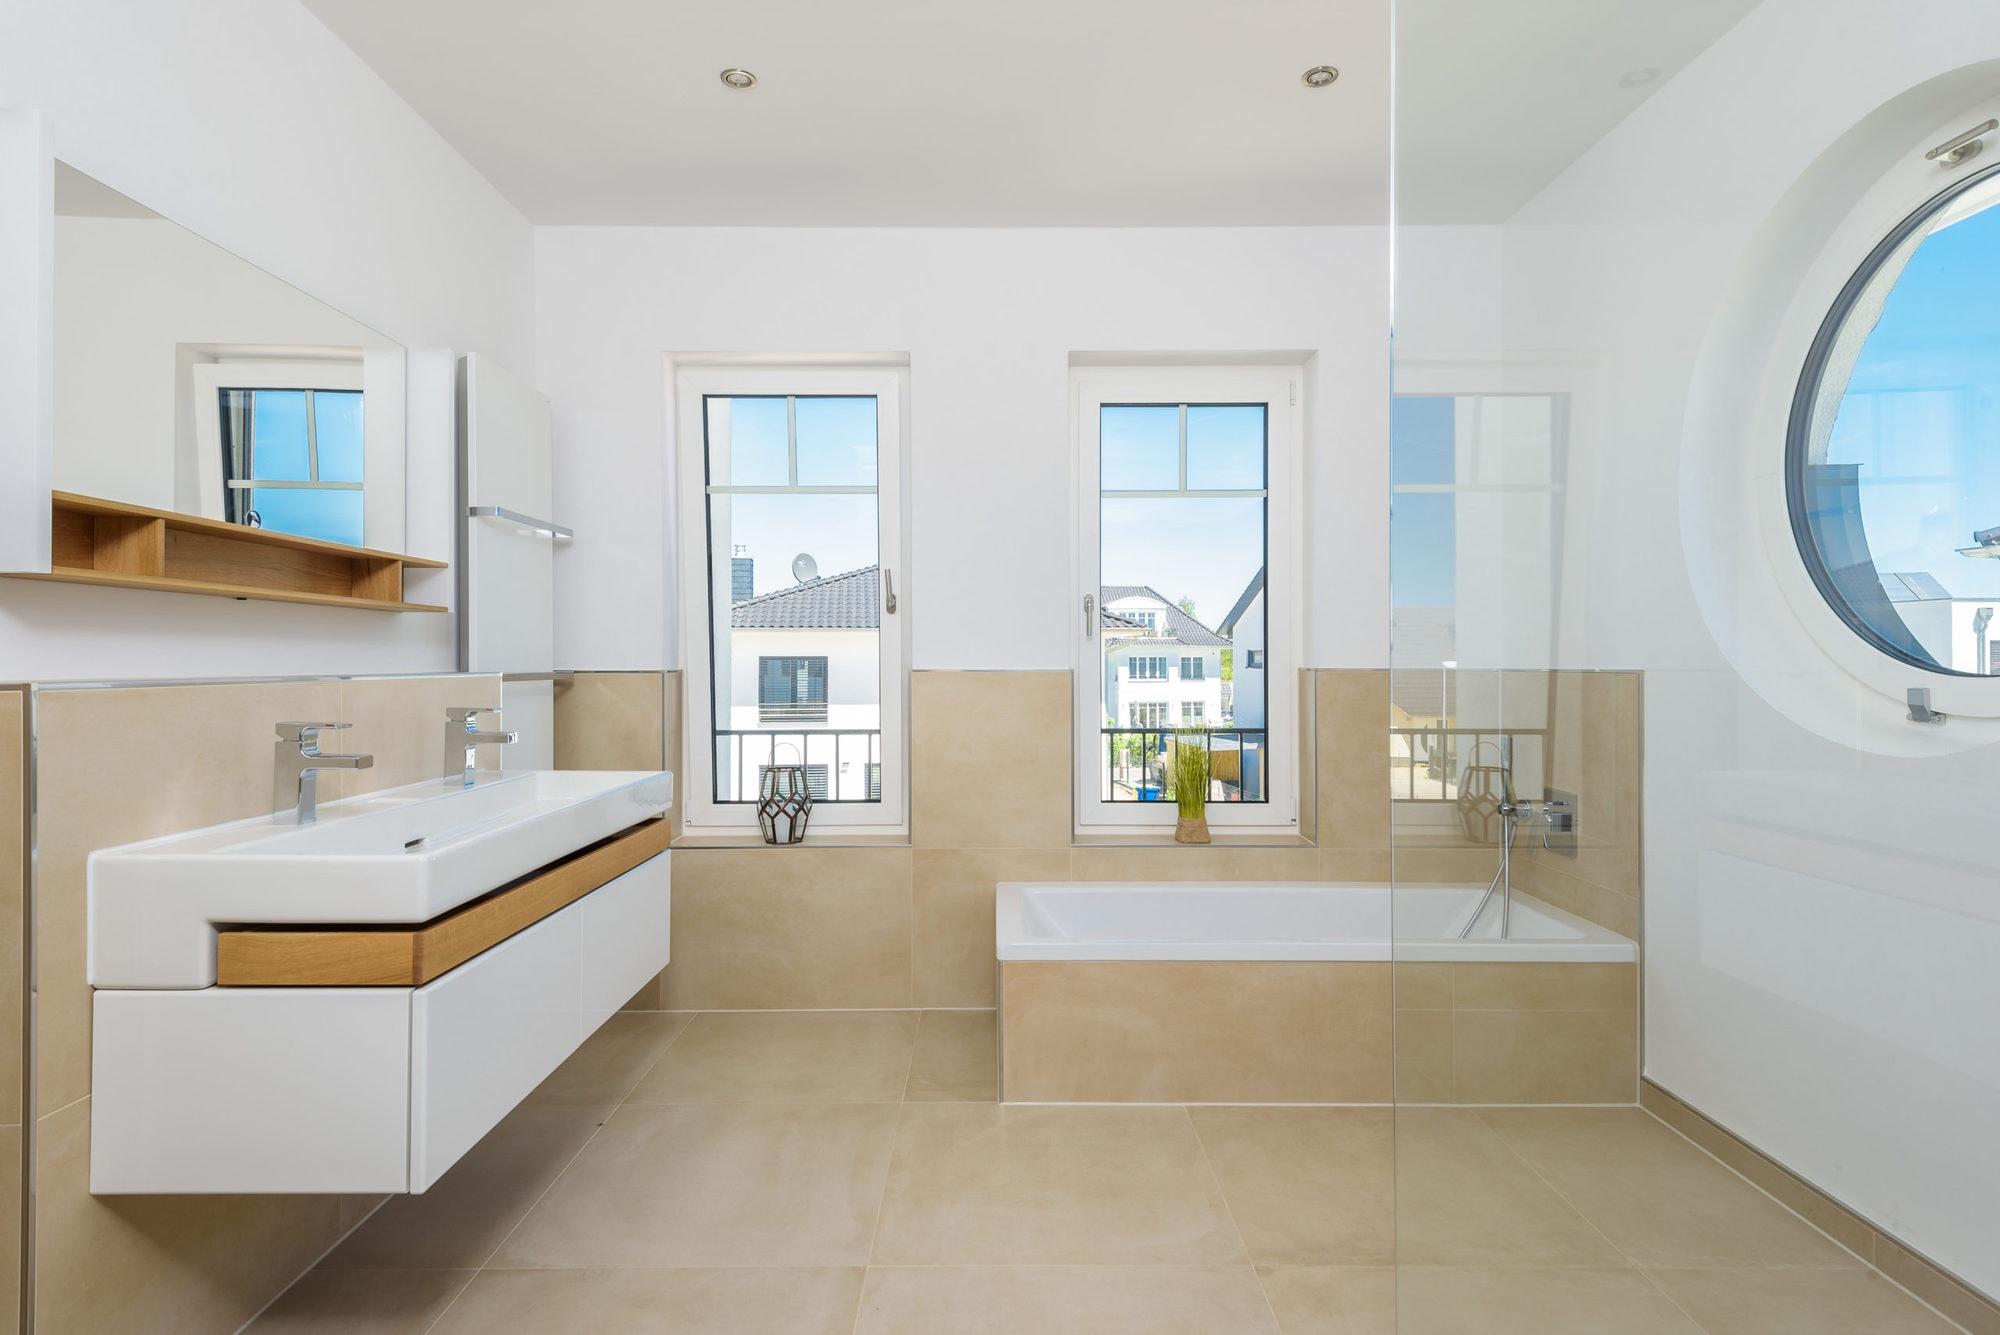 stadtvilla-mit-ausgebautem-dachgeschoss